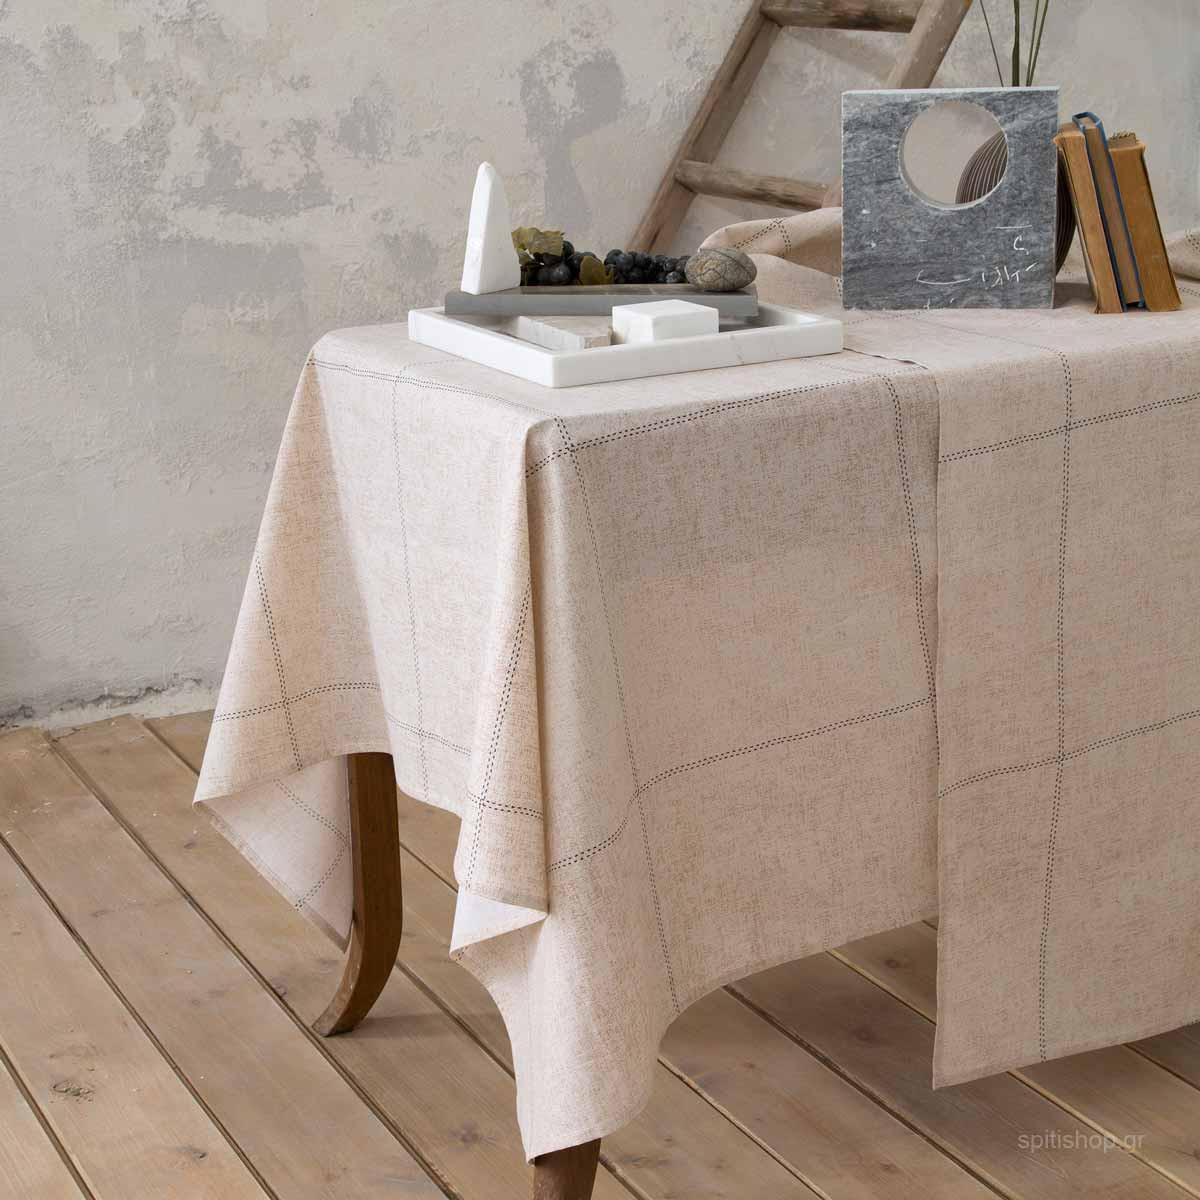 Τραπεζομάντηλο (150×190) Nima Kitchen Tailor